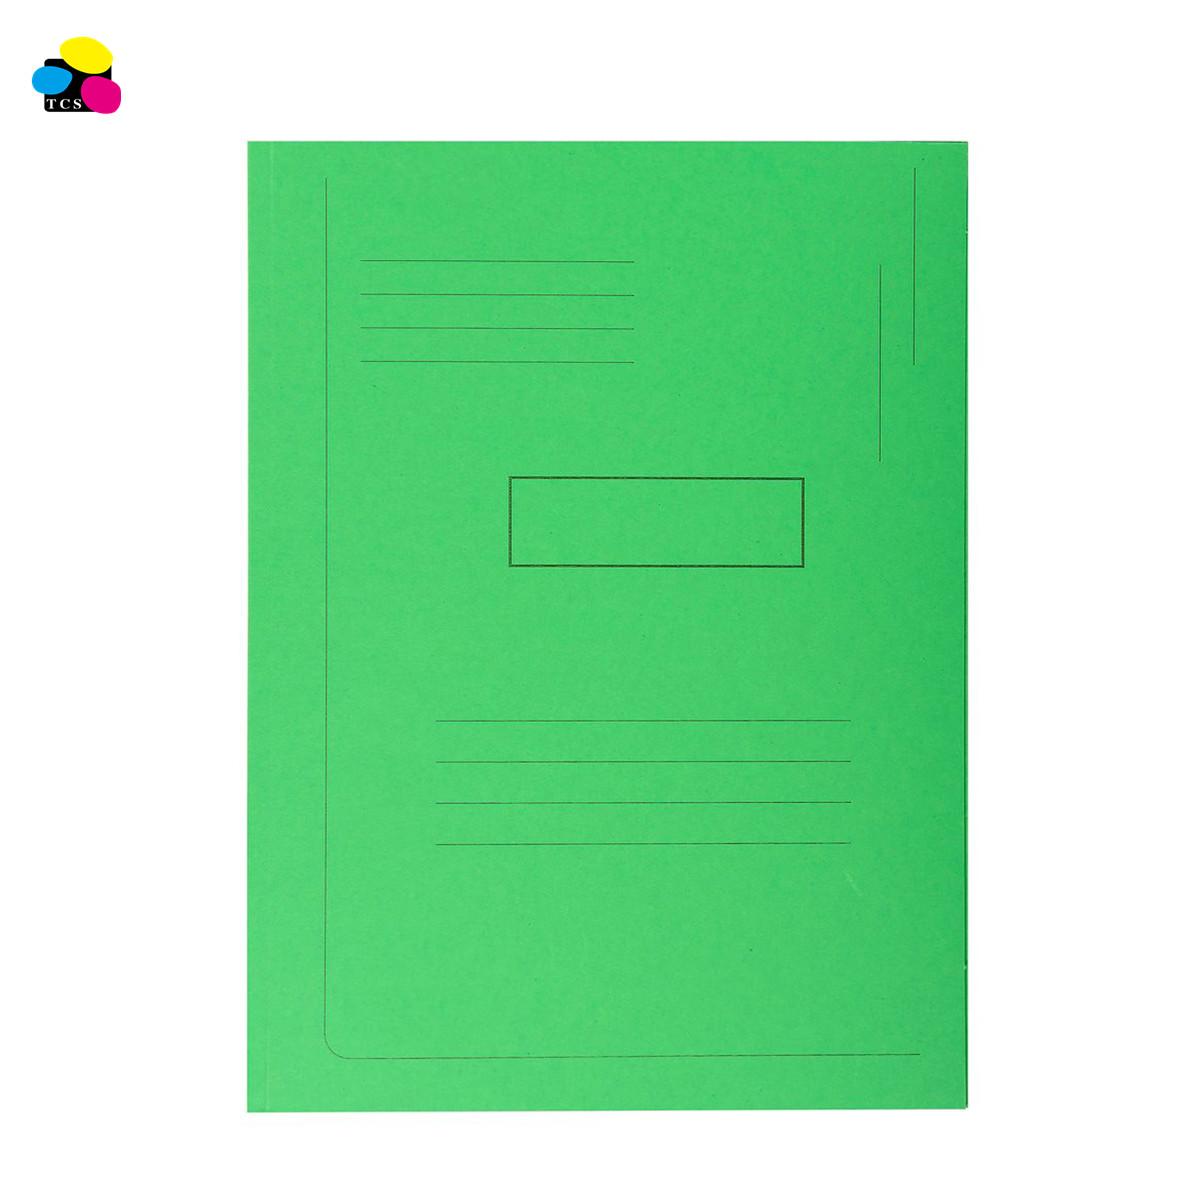 Hot Selling Office School Elastic Banded 350G Pressboard 3-Flap Folders